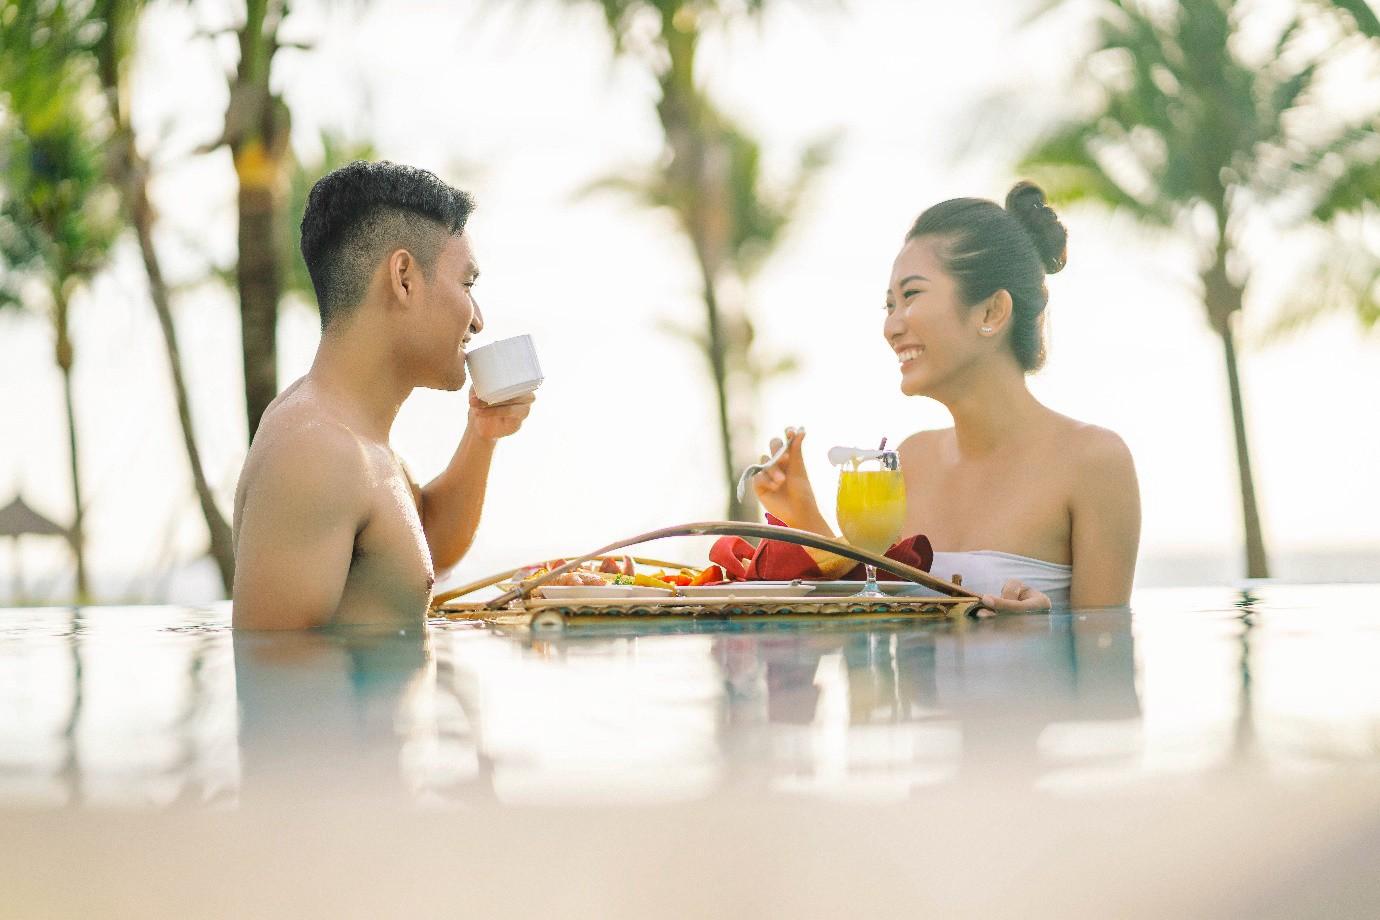 Ai cũng có một nhóm bạn thân, hãy khởi động năm mới với vitamin Yolo ở điểm đến sang xịn mịn này! - Ảnh 4.